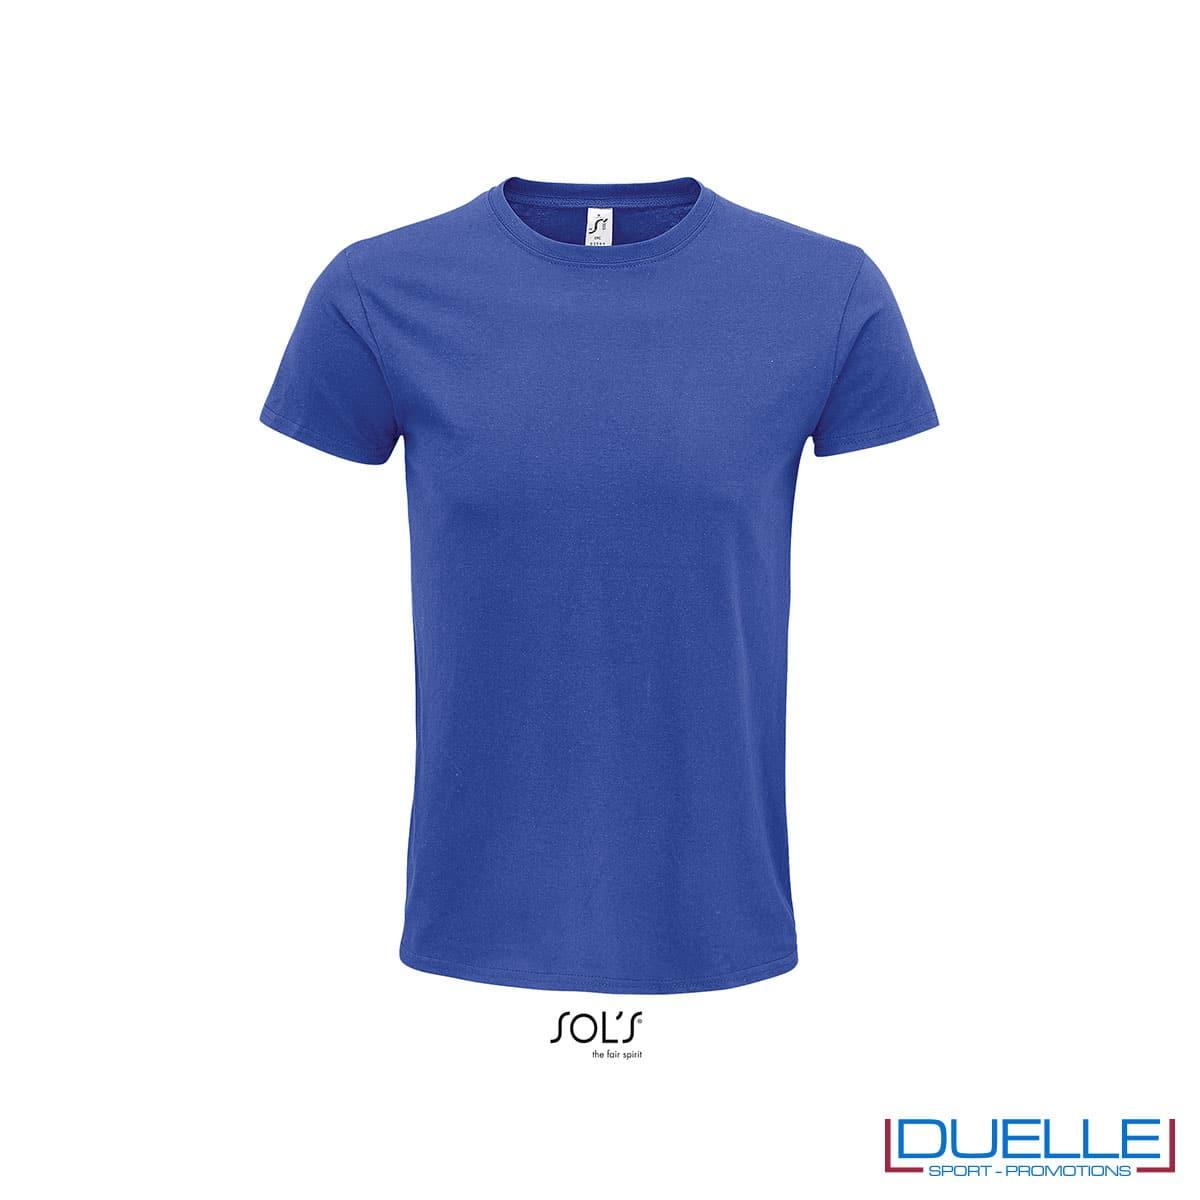 T-shirt ecosostenibile in cotone biologico colore blu royal personalizzata